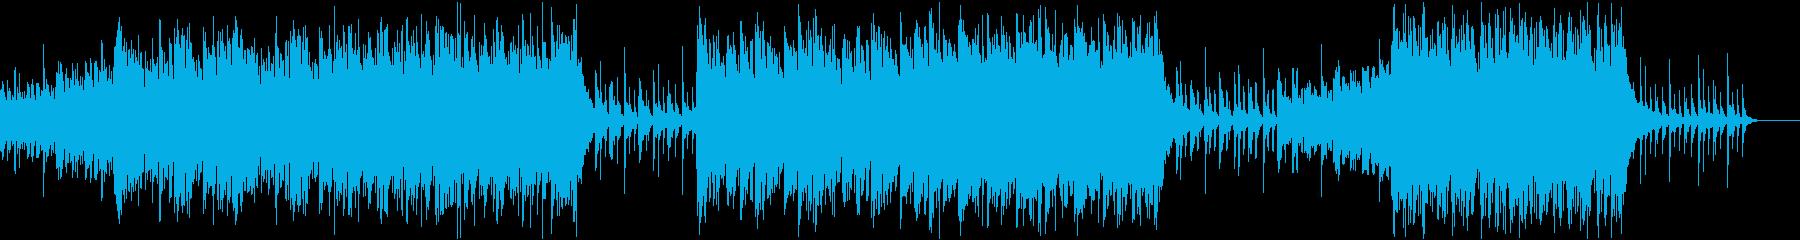 ひも付きのインスピレーションあふれるピアの再生済みの波形